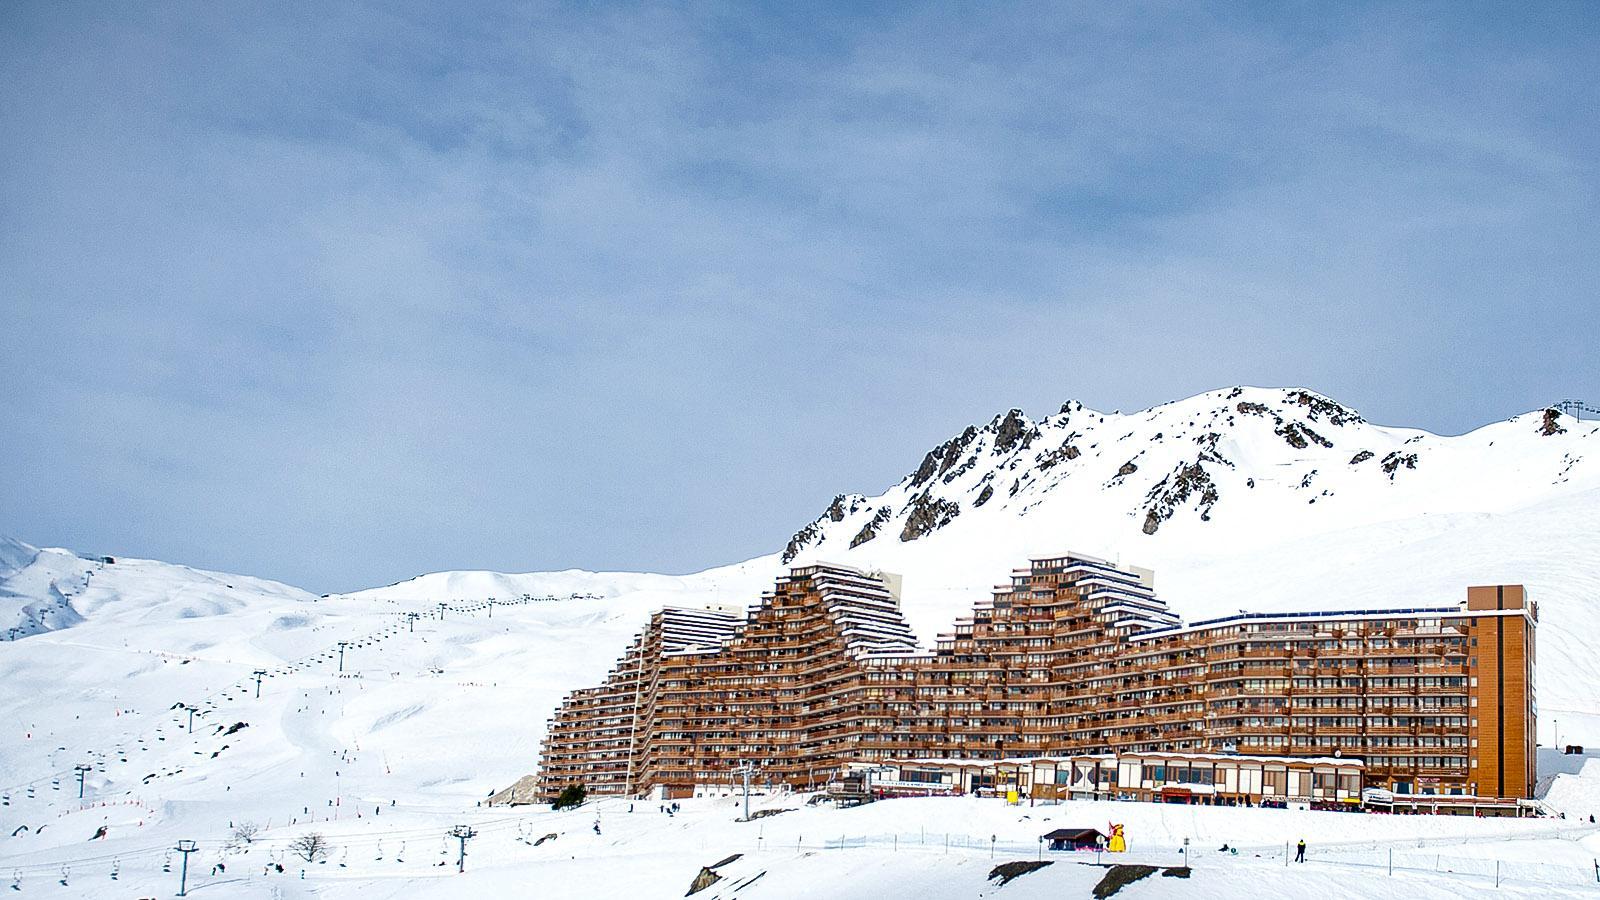 Tiefschnee oder Piste: La Mongie im Skigroßraum Tourmalet bei Barèges. Foto: Hilke Maunder